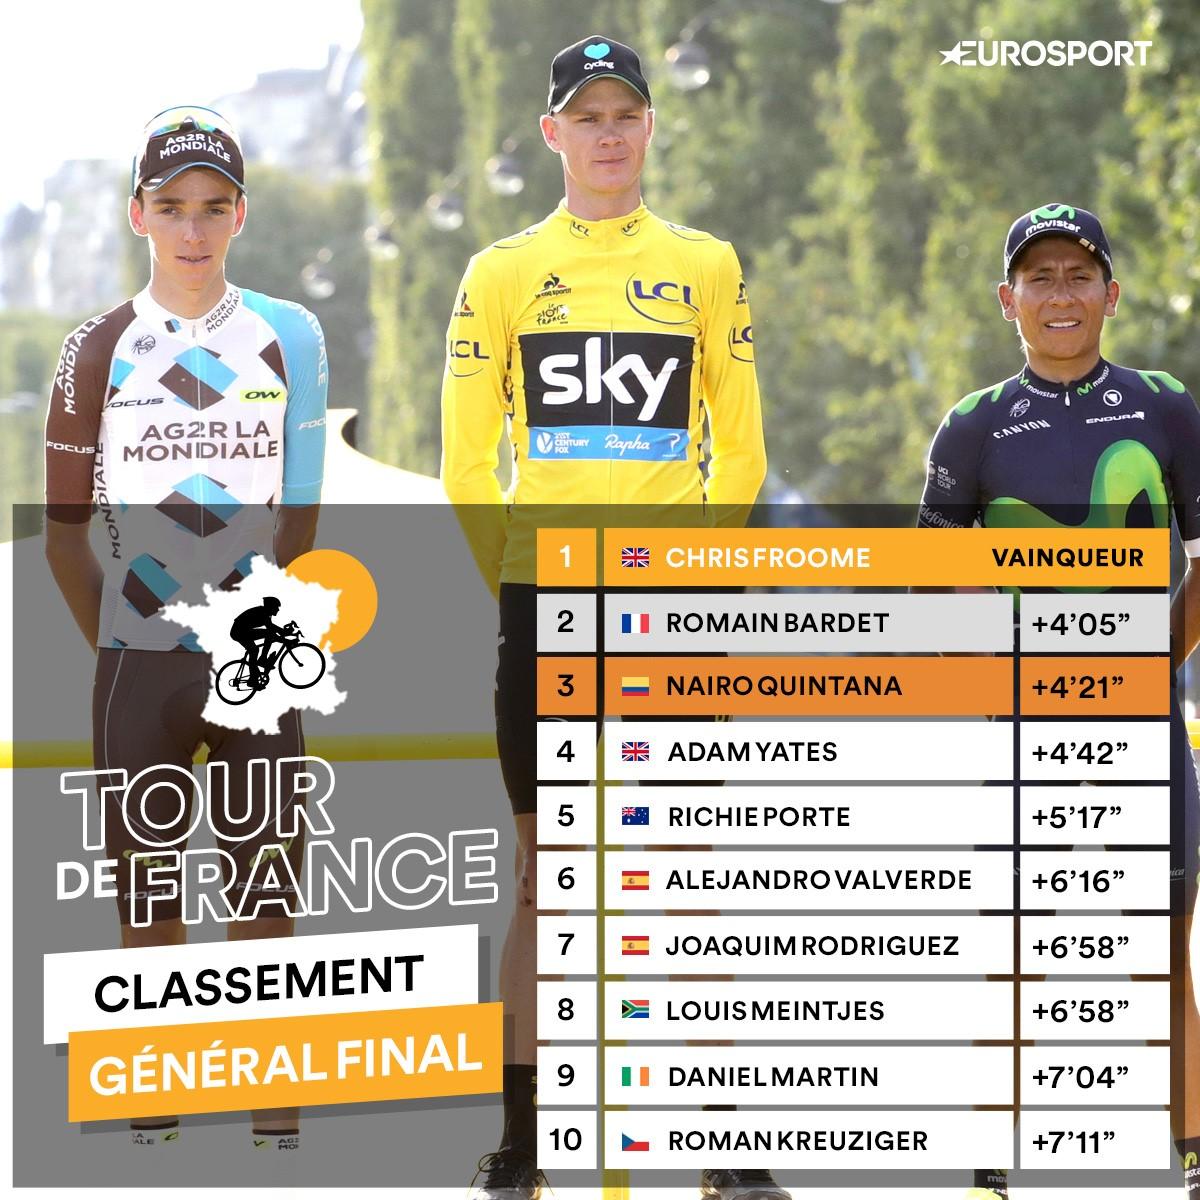 Le classement final du Tour